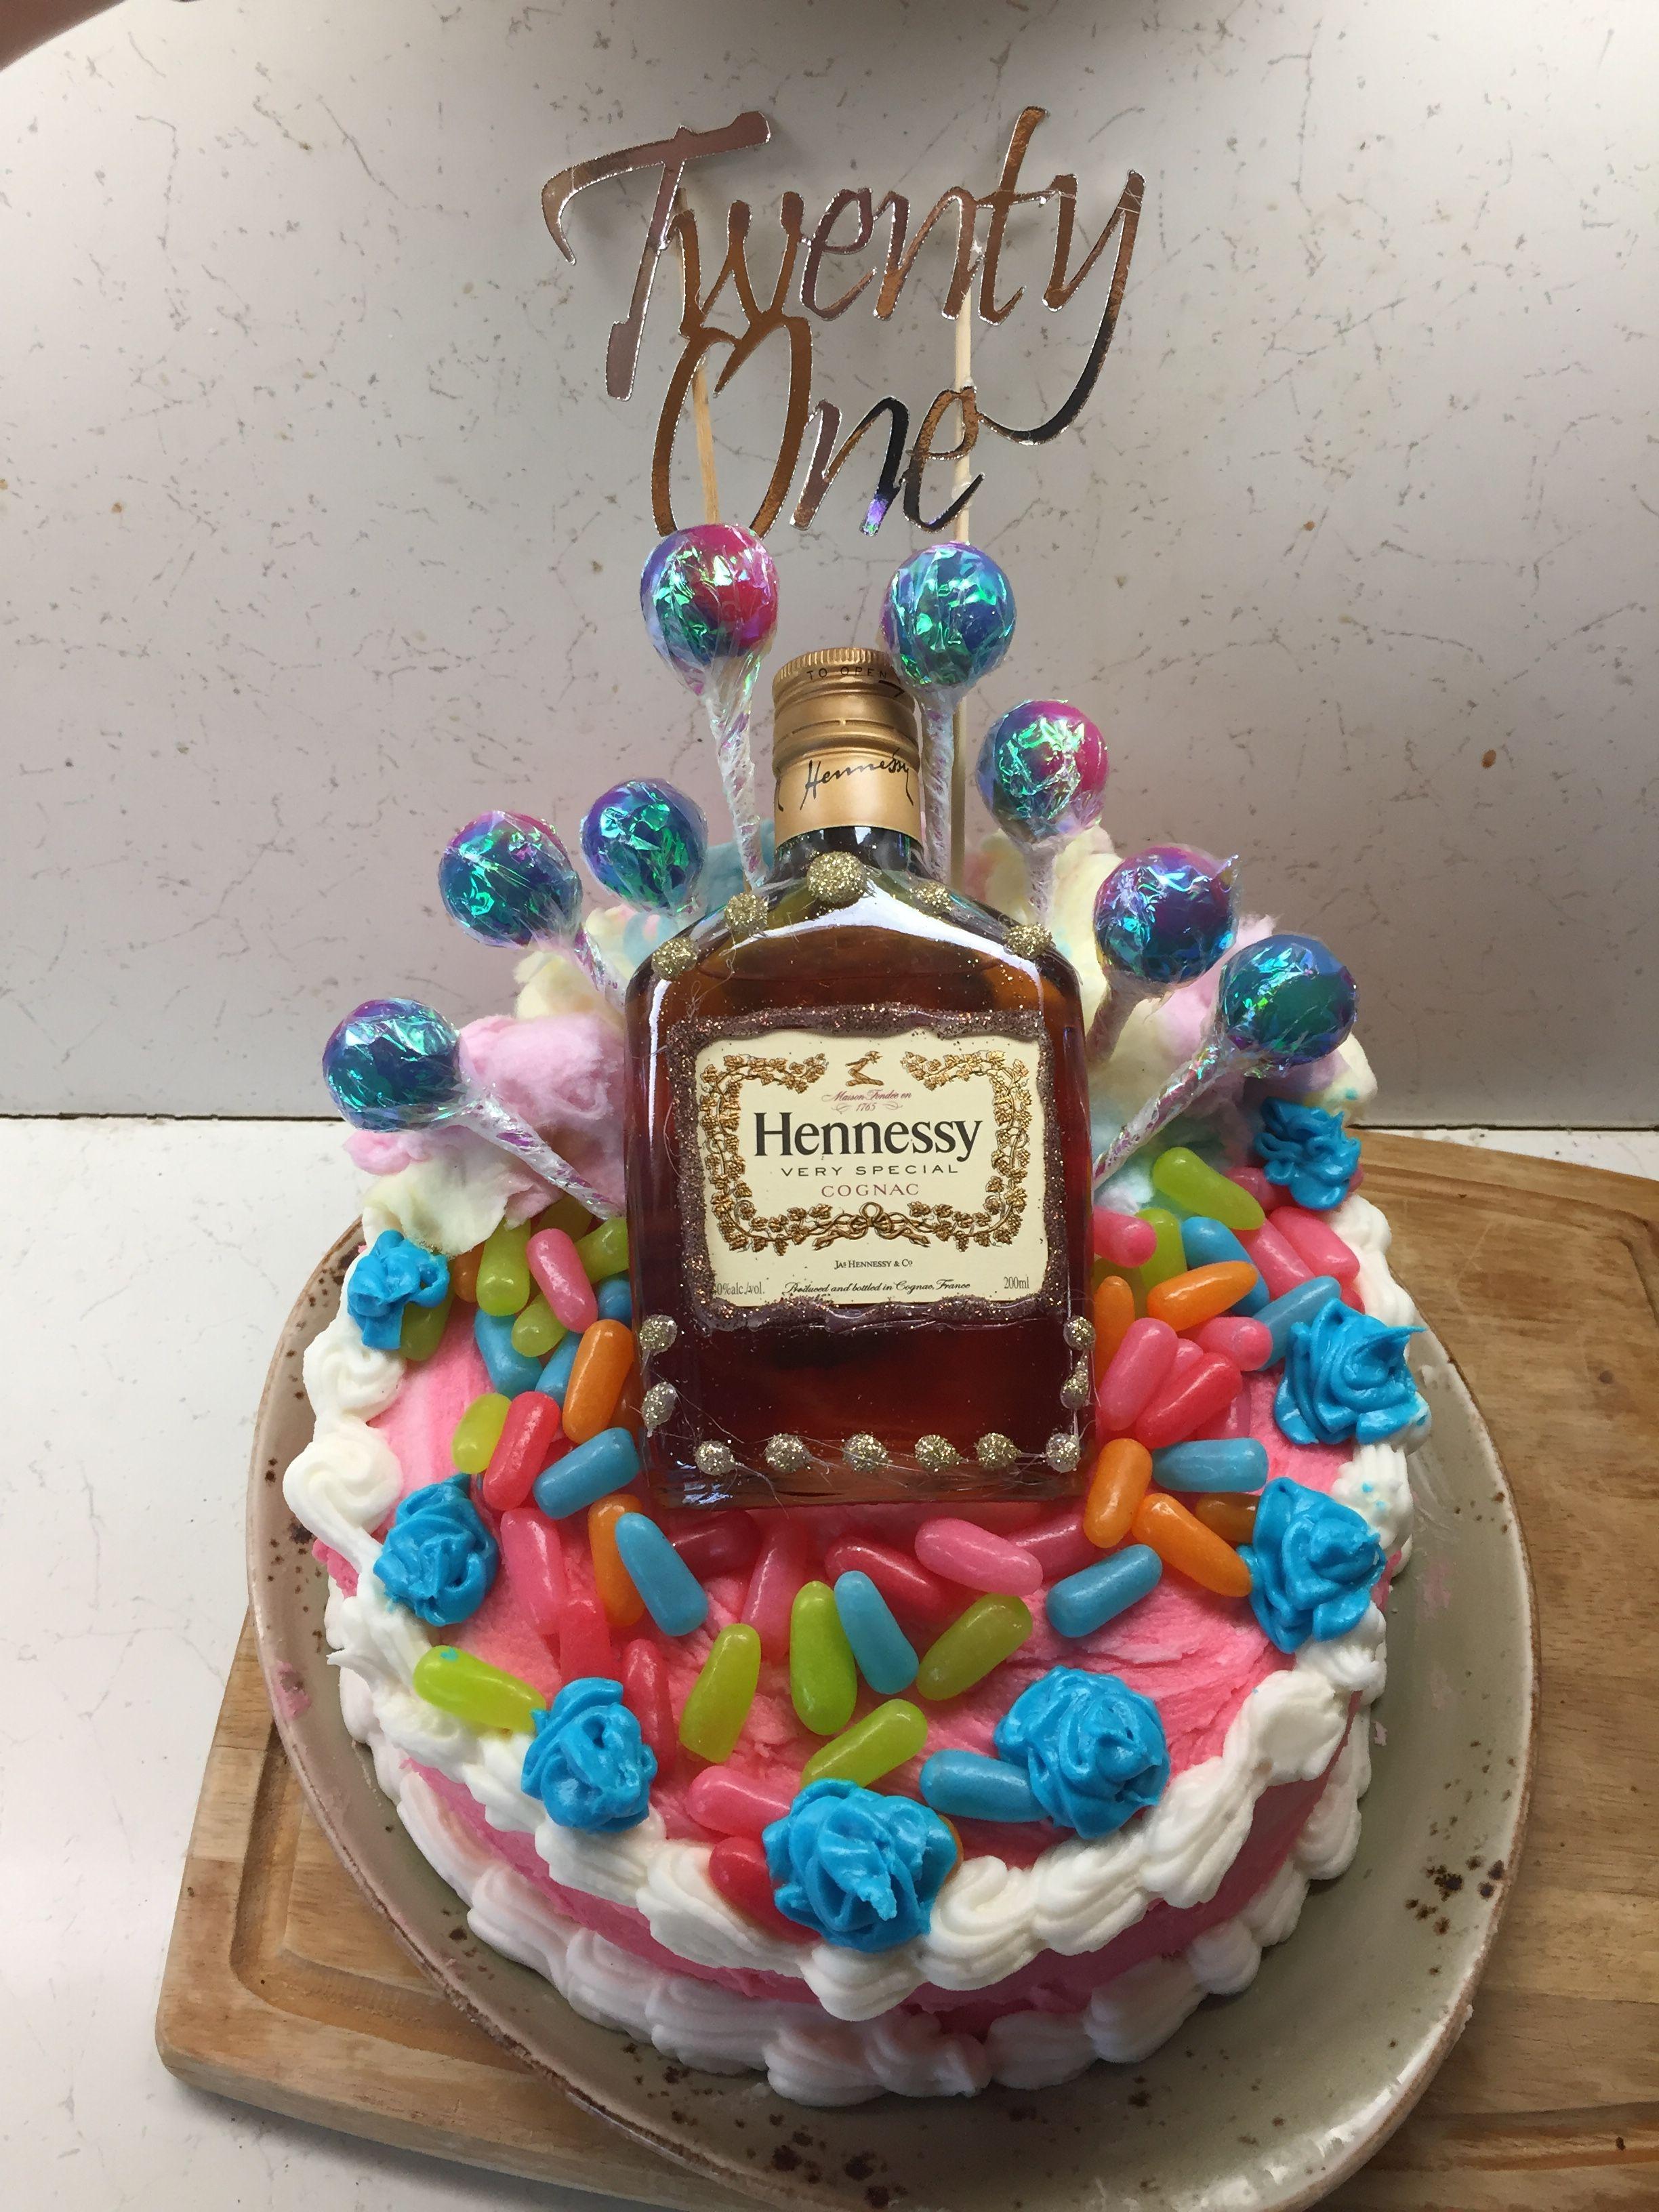 how do you make a hennessy cake